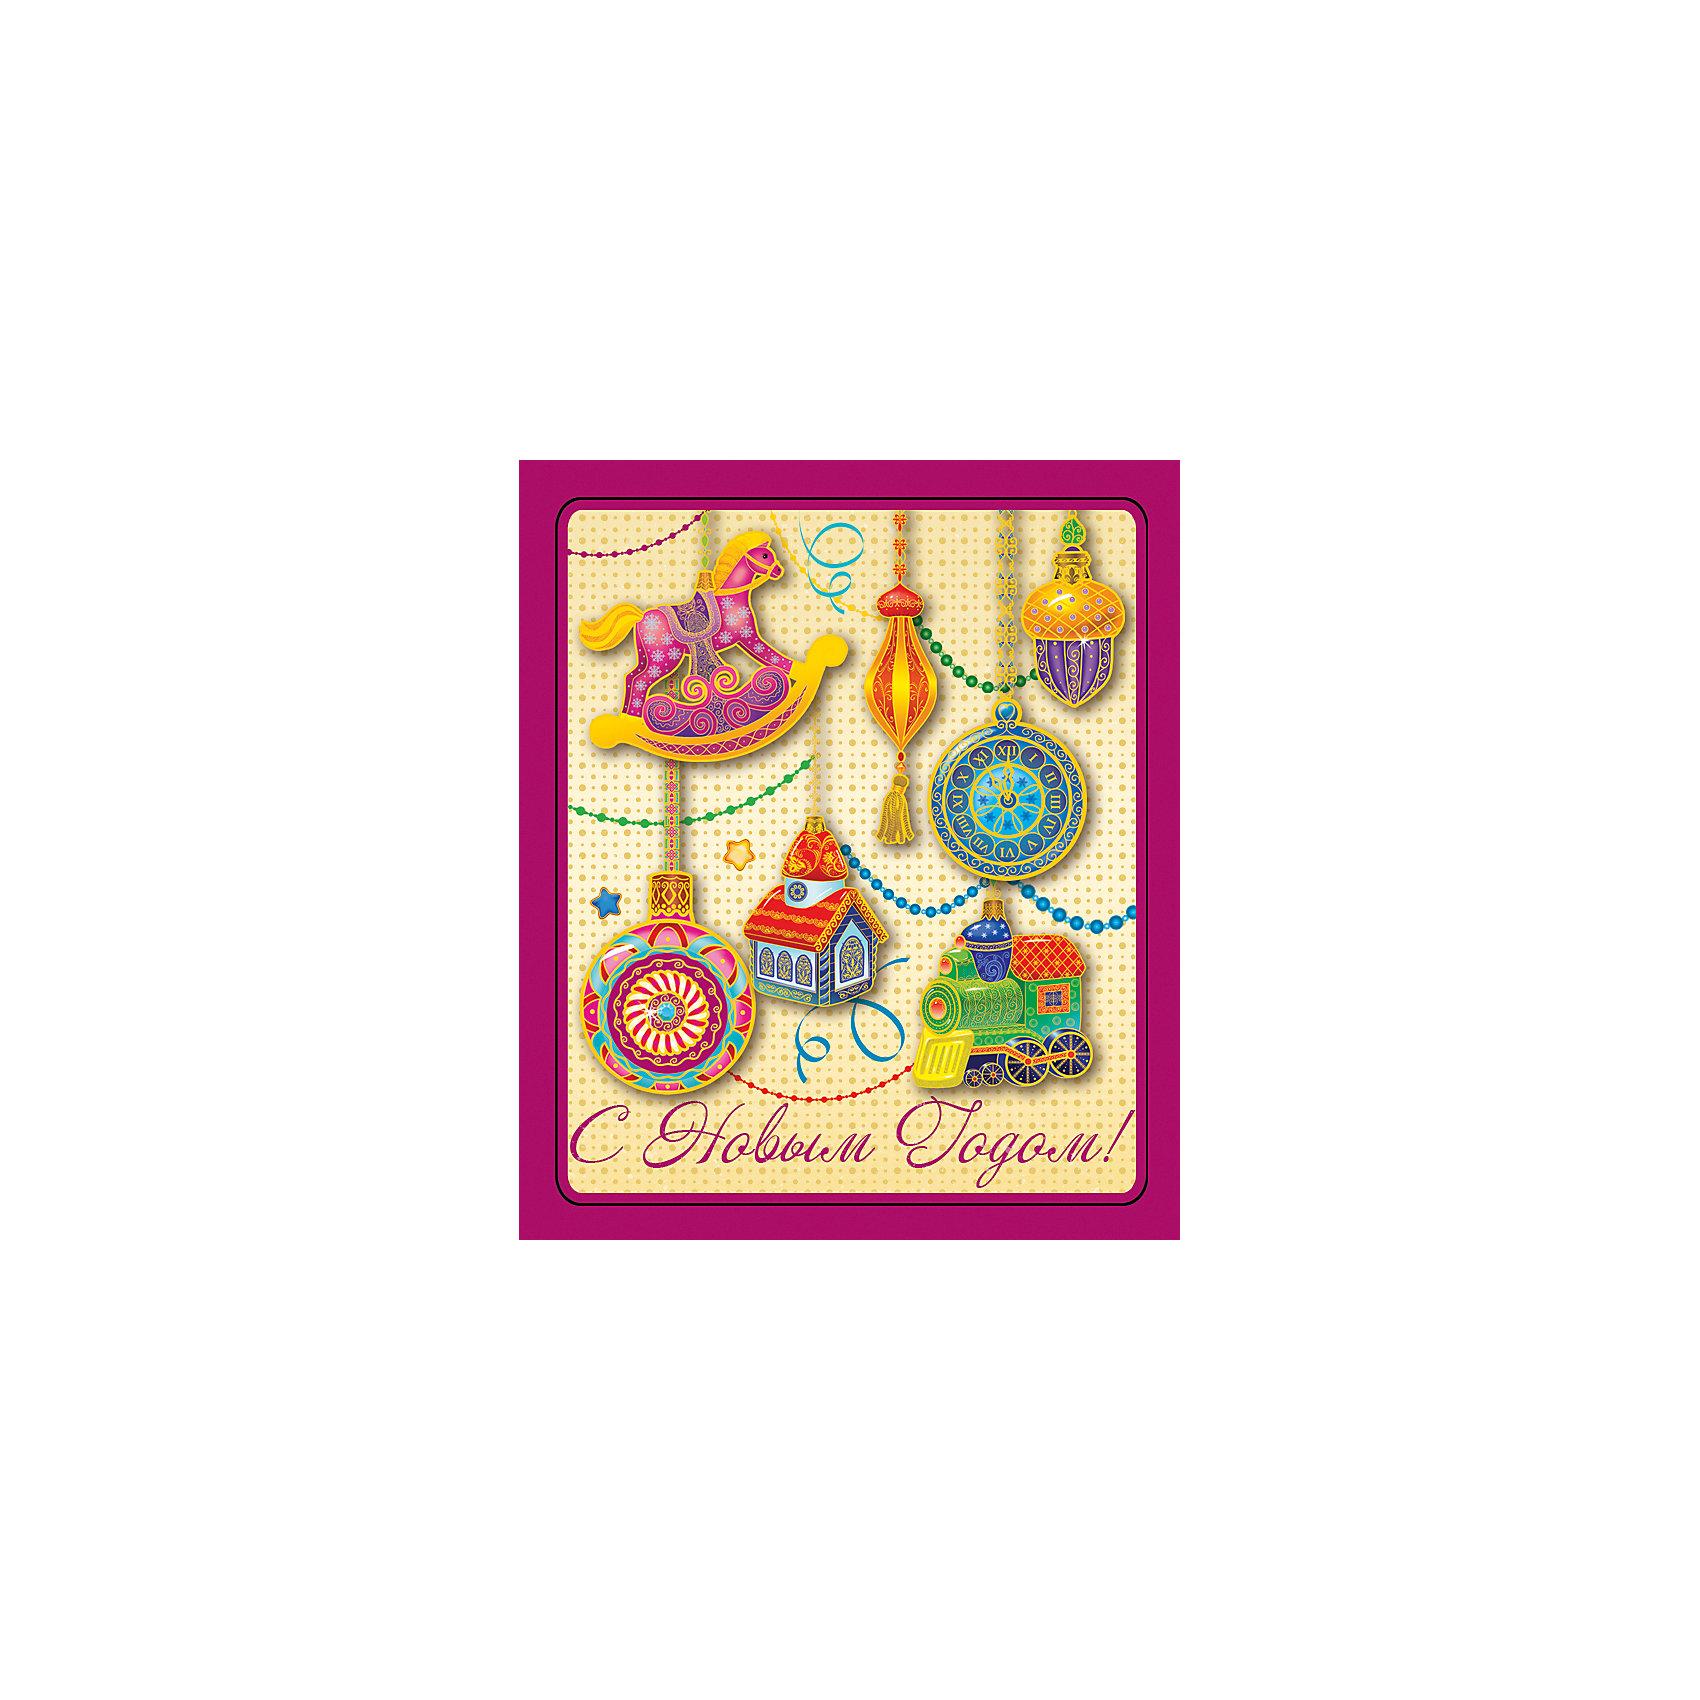 Магнит Милые игрушкиВсё для праздника<br>Яркий магнит с новогодней символикой - прекрасный вариант для праздничного сувенира. Магнит можно прикрепить на любую металлическую поверхность, он всегда будет радовать, напоминая о веселом и таком долгожданном для всех празднике! <br><br>Дополнительная информация:<br><br>- Материал: агломерированный феррит. <br>- Размер: 5х6 см.<br>- Яркий привлекательный дизайн. <br><br>Новогодний магнит Милые игрушки можно купить в нашем магазине.<br><br>Ширина мм: 100<br>Глубина мм: 100<br>Высота мм: 10<br>Вес г: 260<br>Возраст от месяцев: 36<br>Возраст до месяцев: 2147483647<br>Пол: Унисекс<br>Возраст: Детский<br>SKU: 4981318